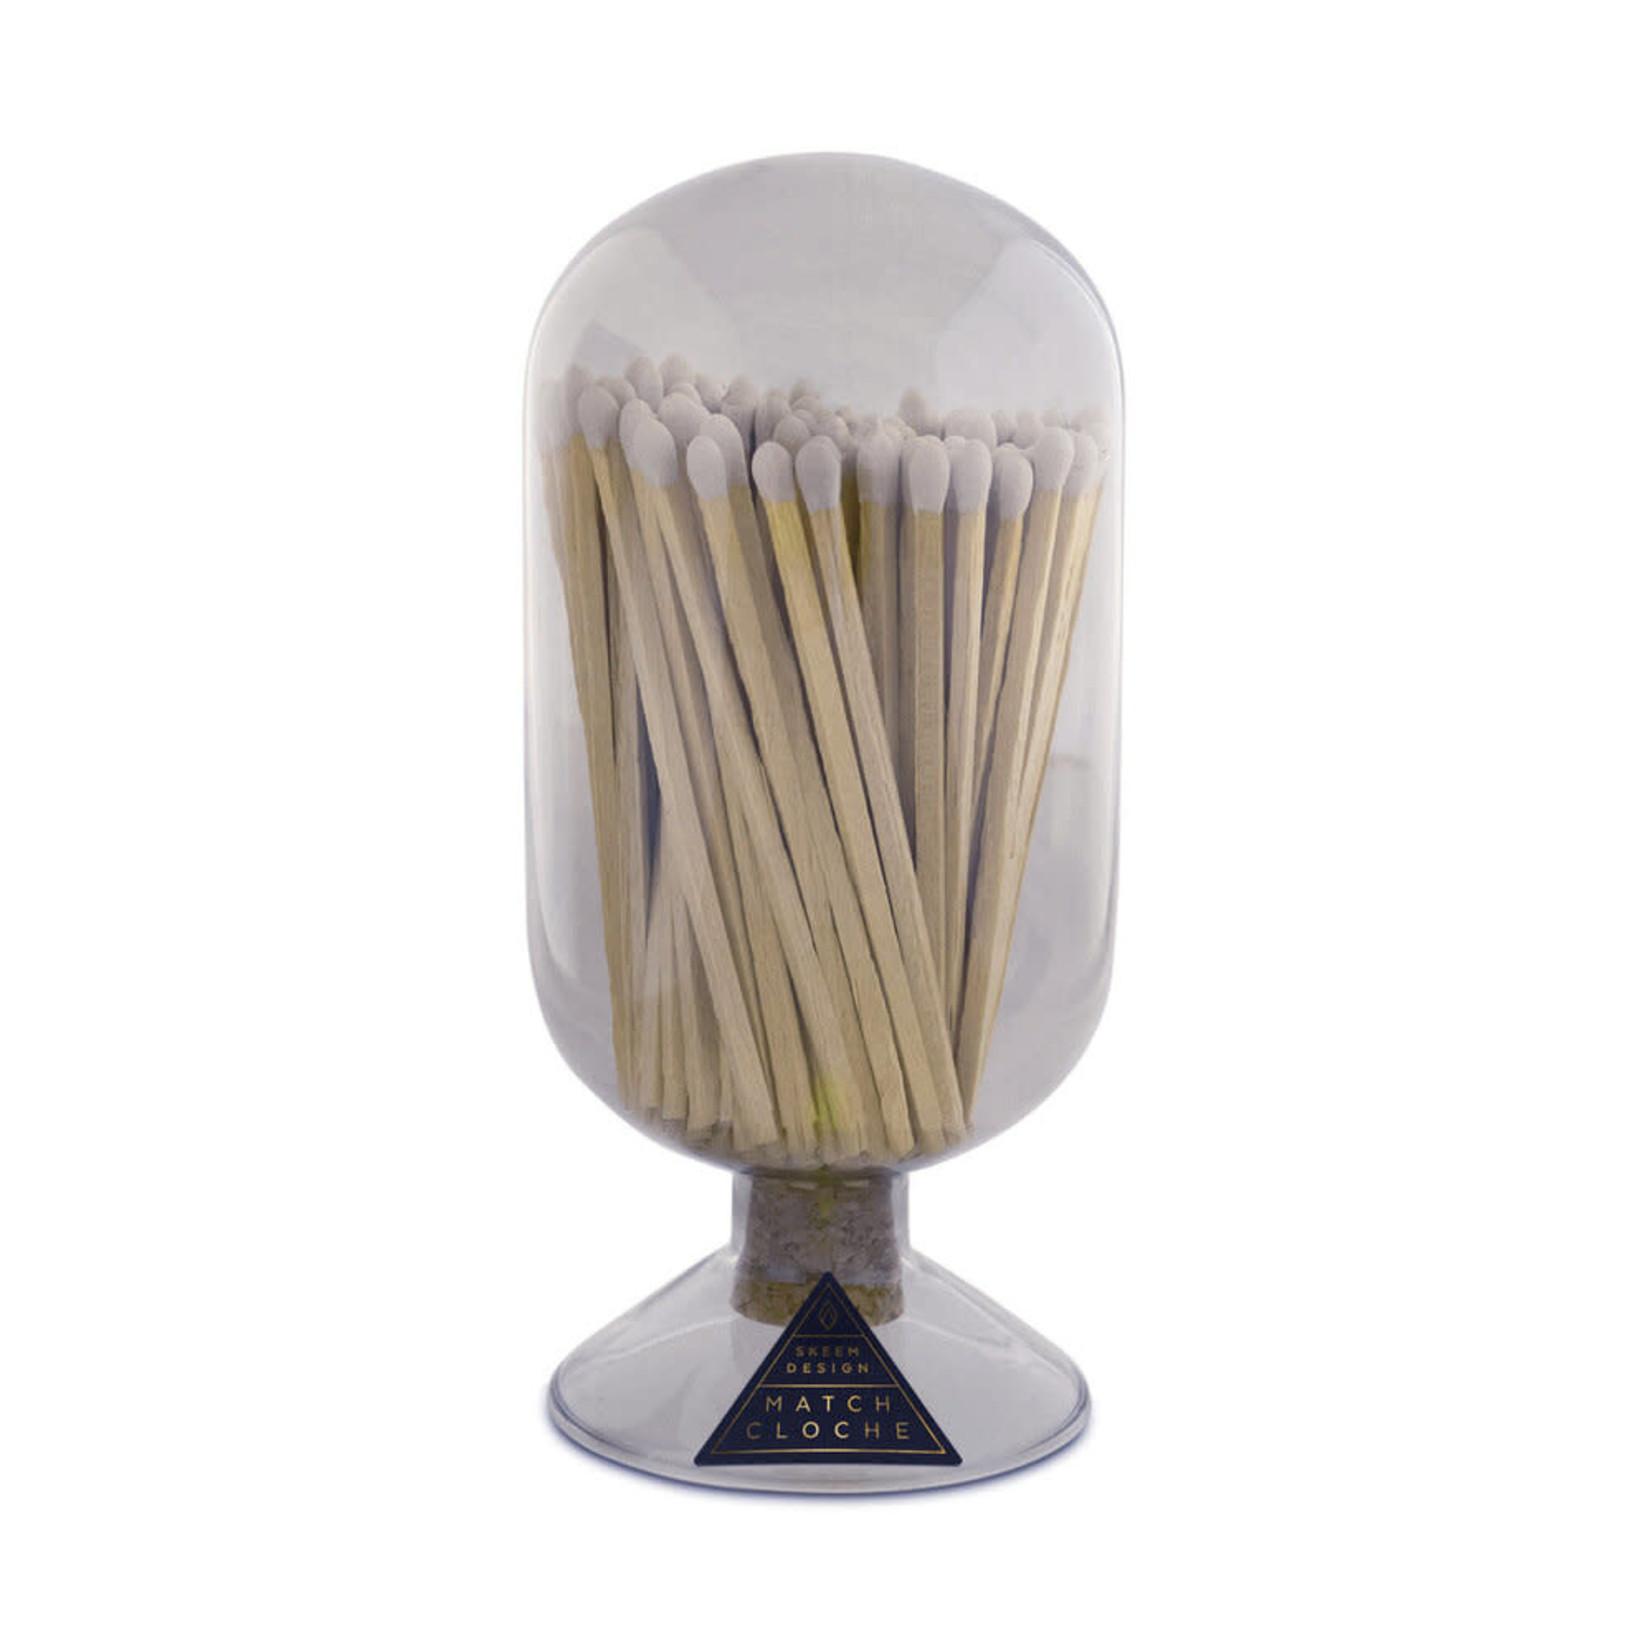 Wyld Blue Home Match Cloche Smoke